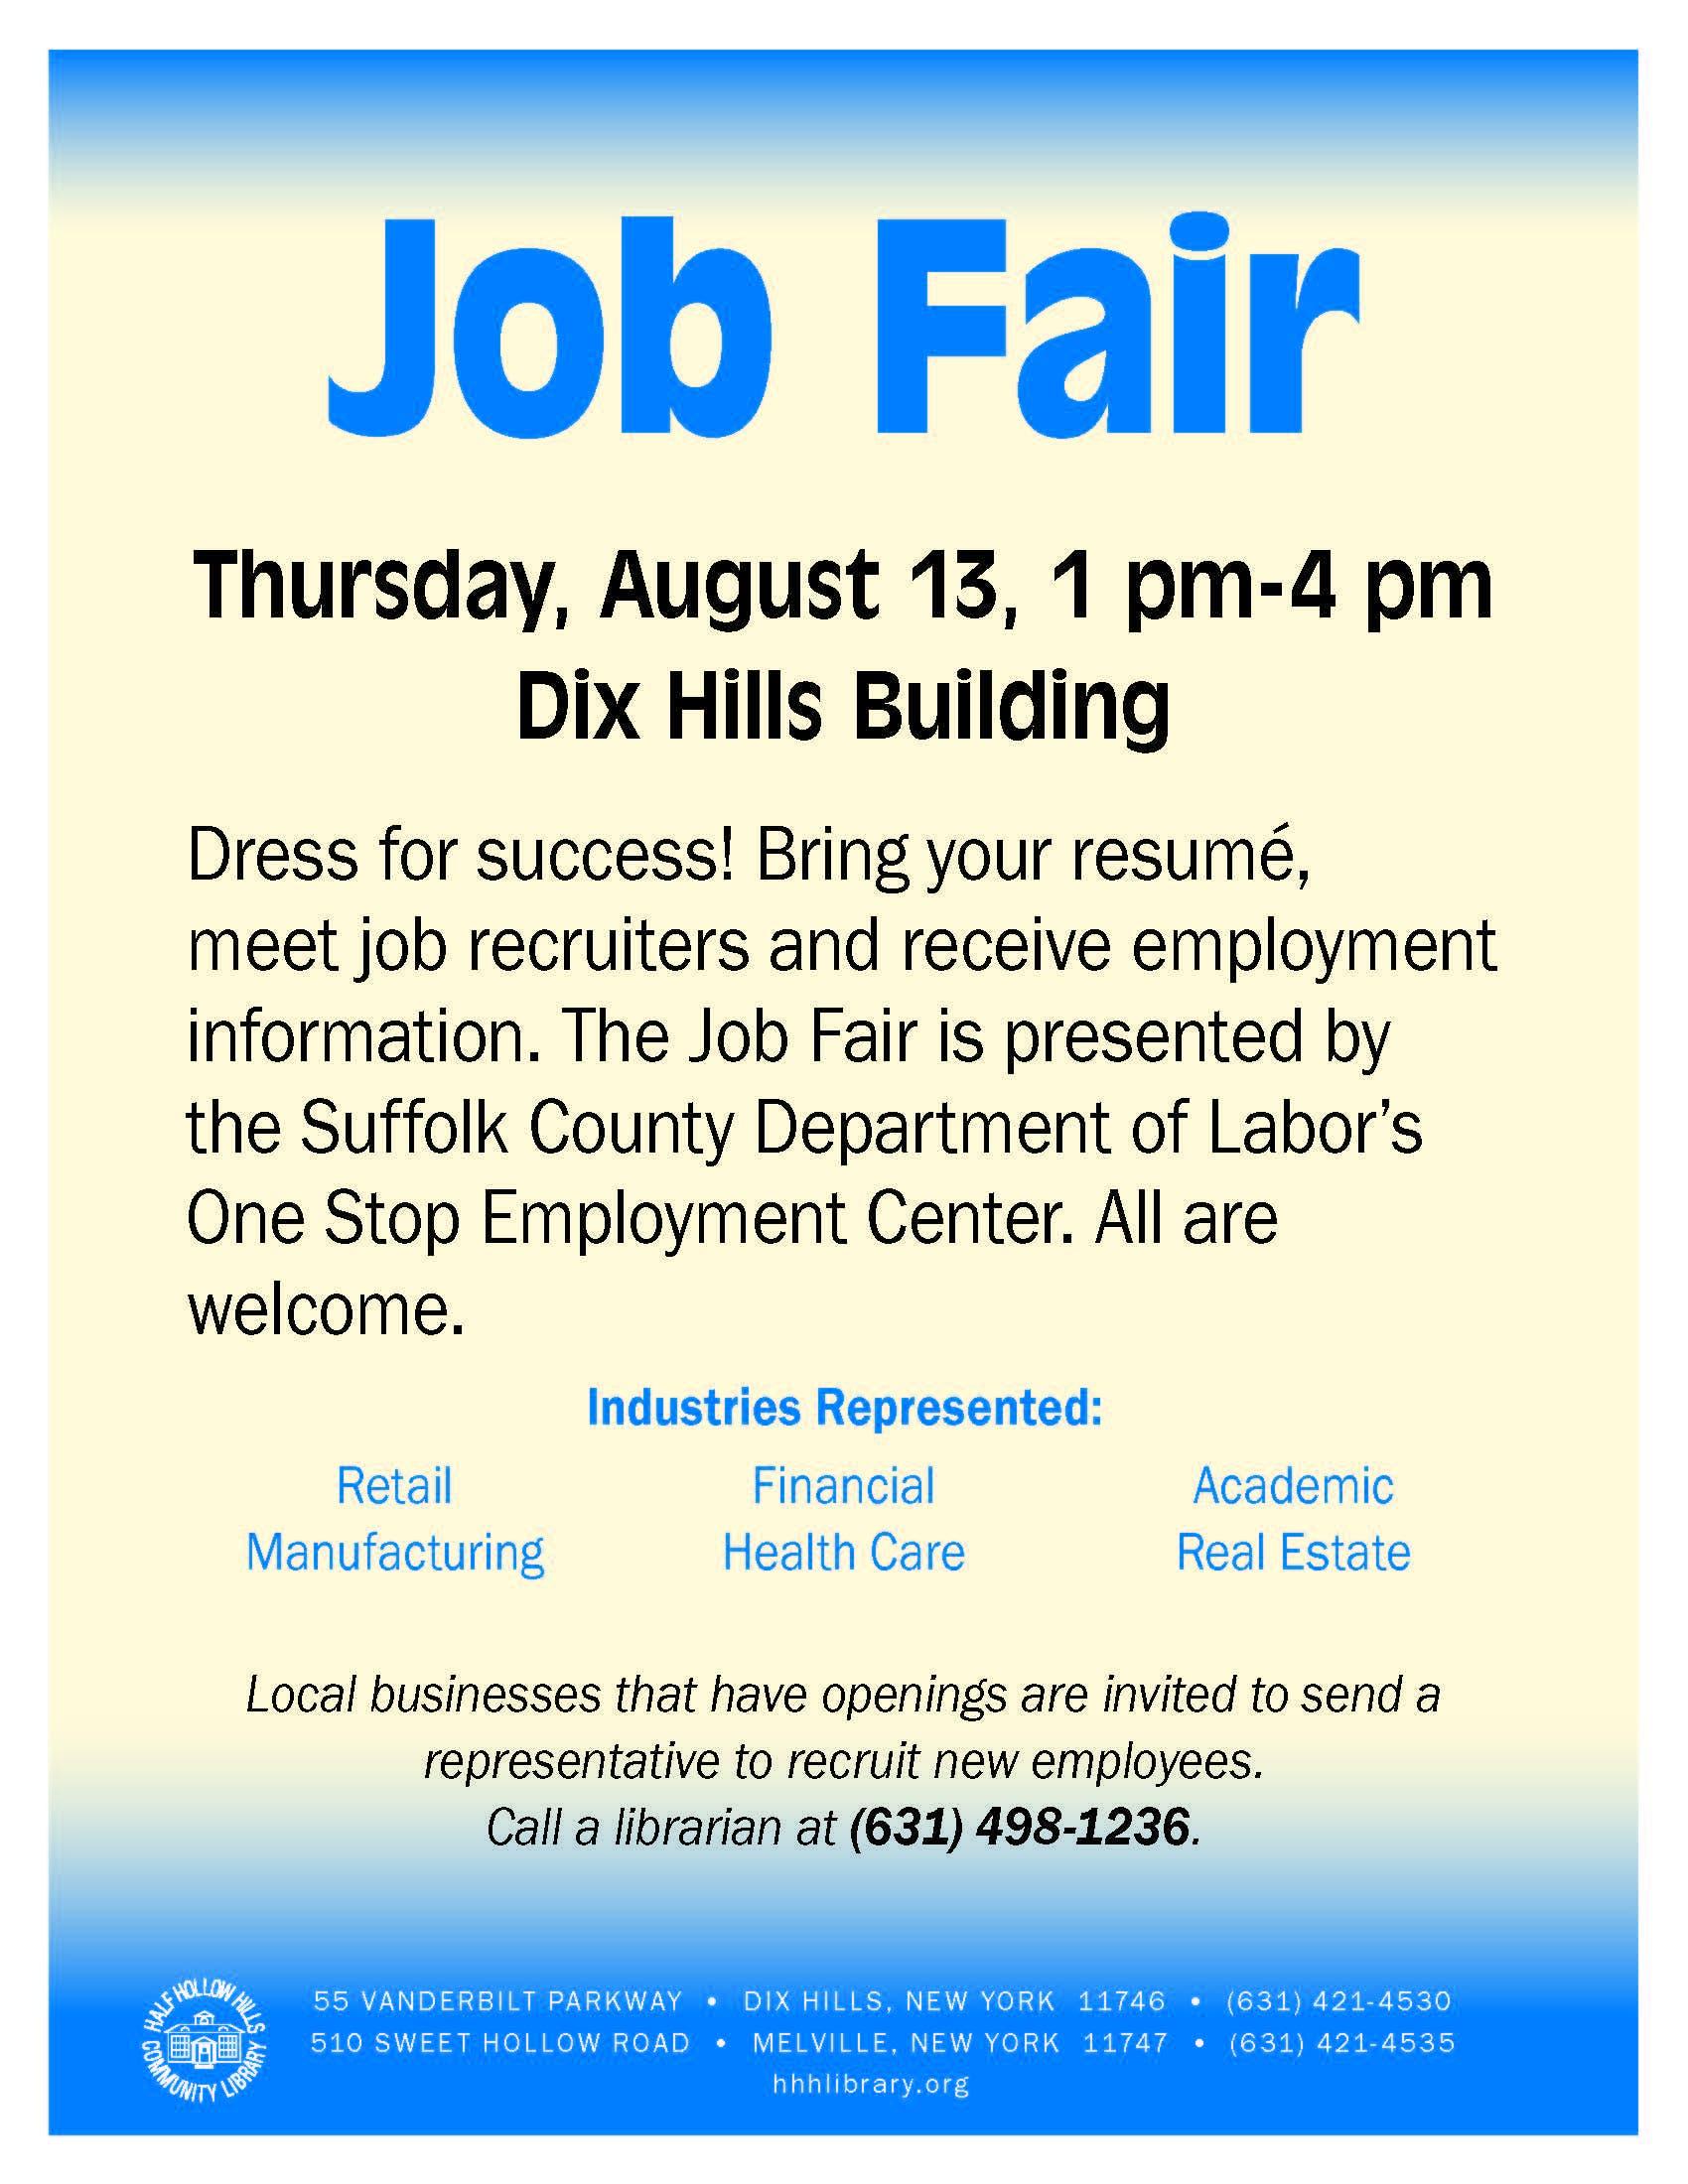 Seek Employment at Suffolk County Job Fair on Thursday